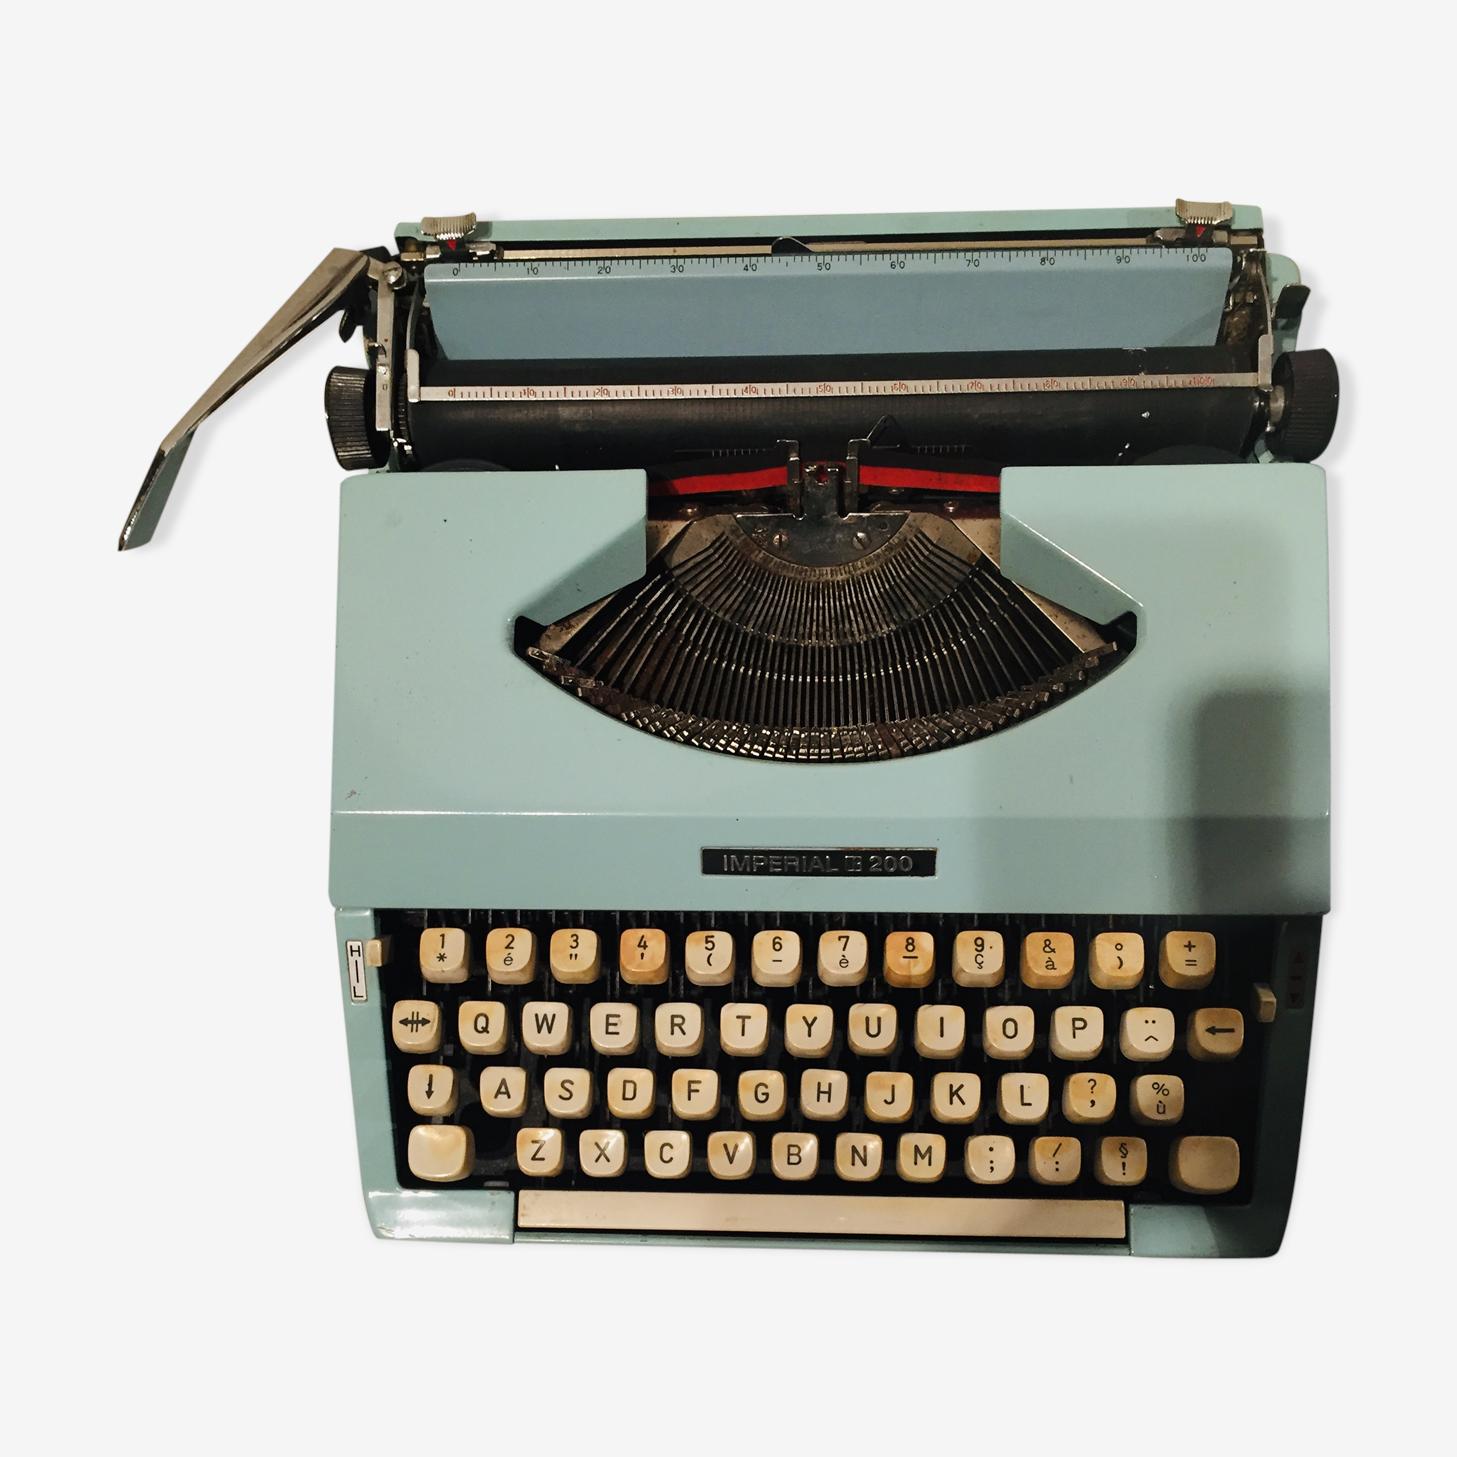 Imperial typewriter 200